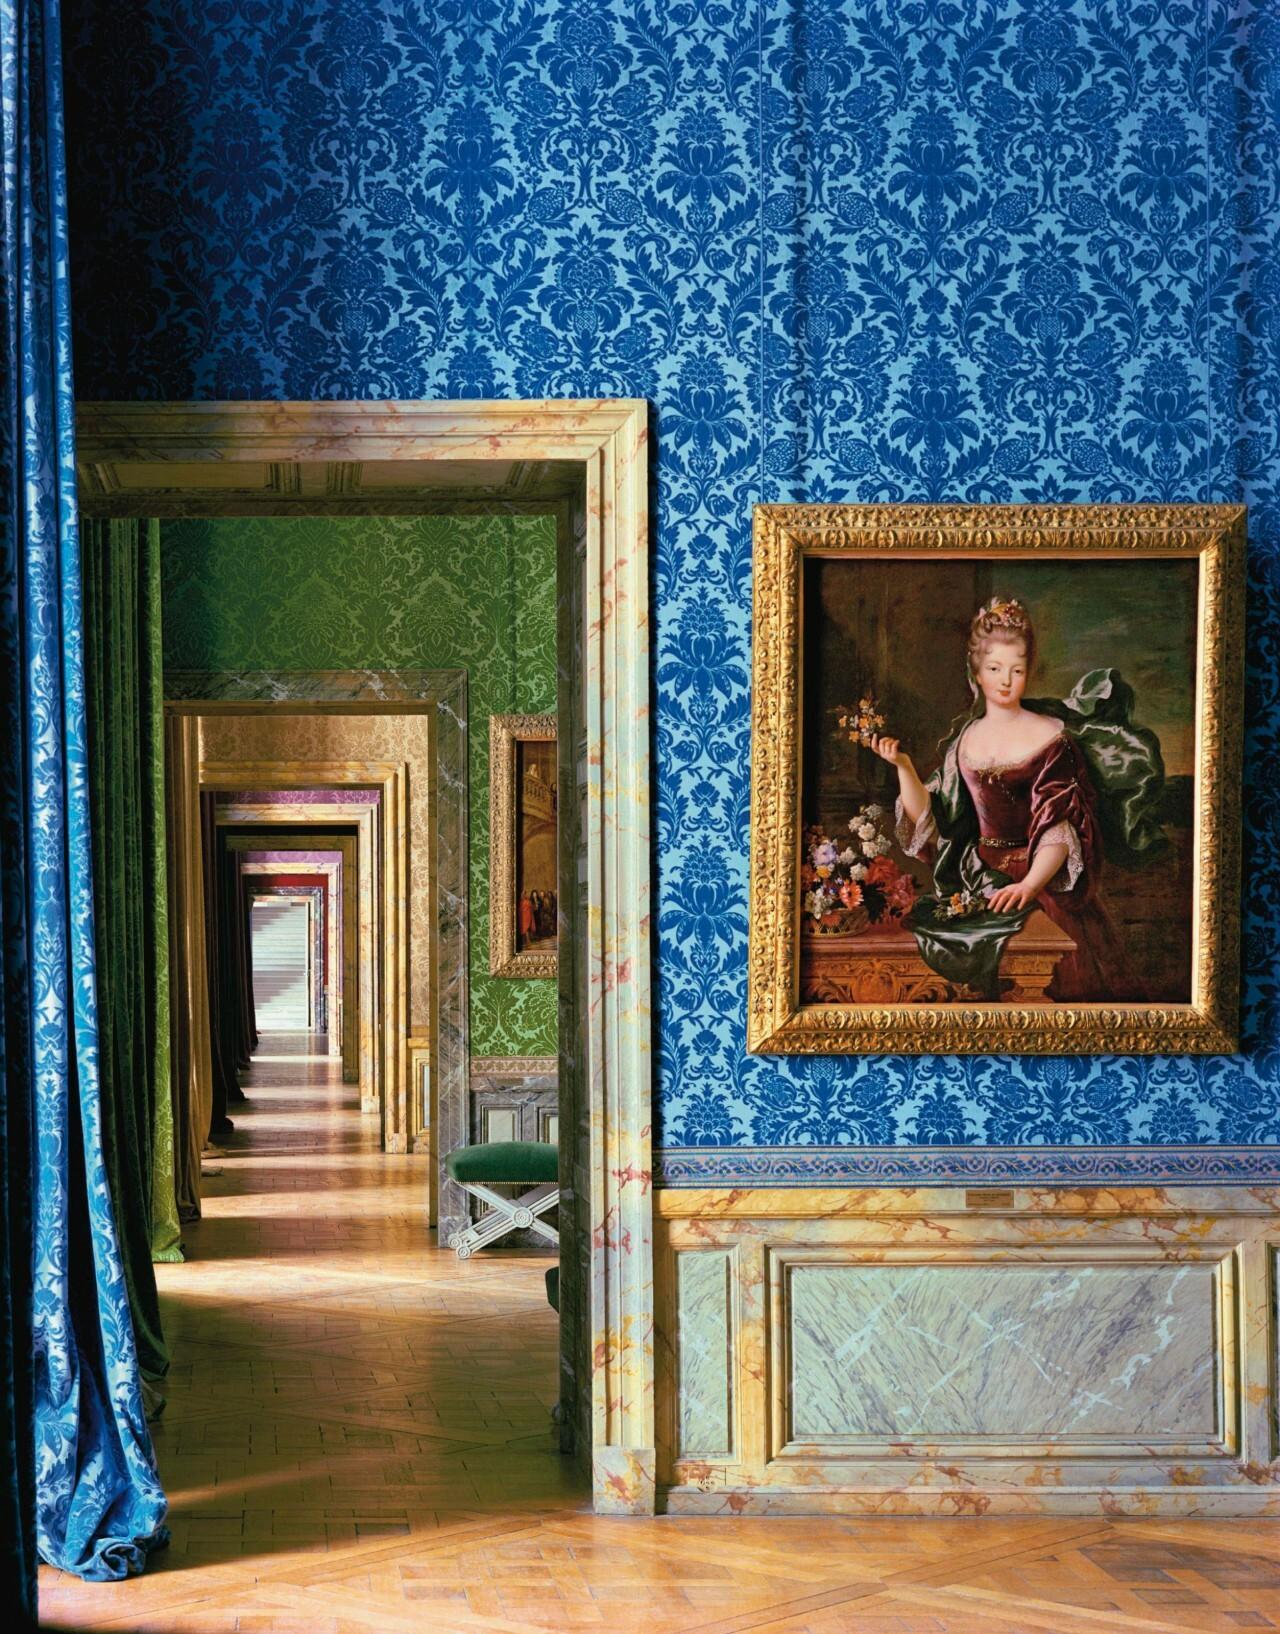 Портрет Франсуазы-Марии де Бурбон, Версаль, 2003. Фотограф Роберт Полидори